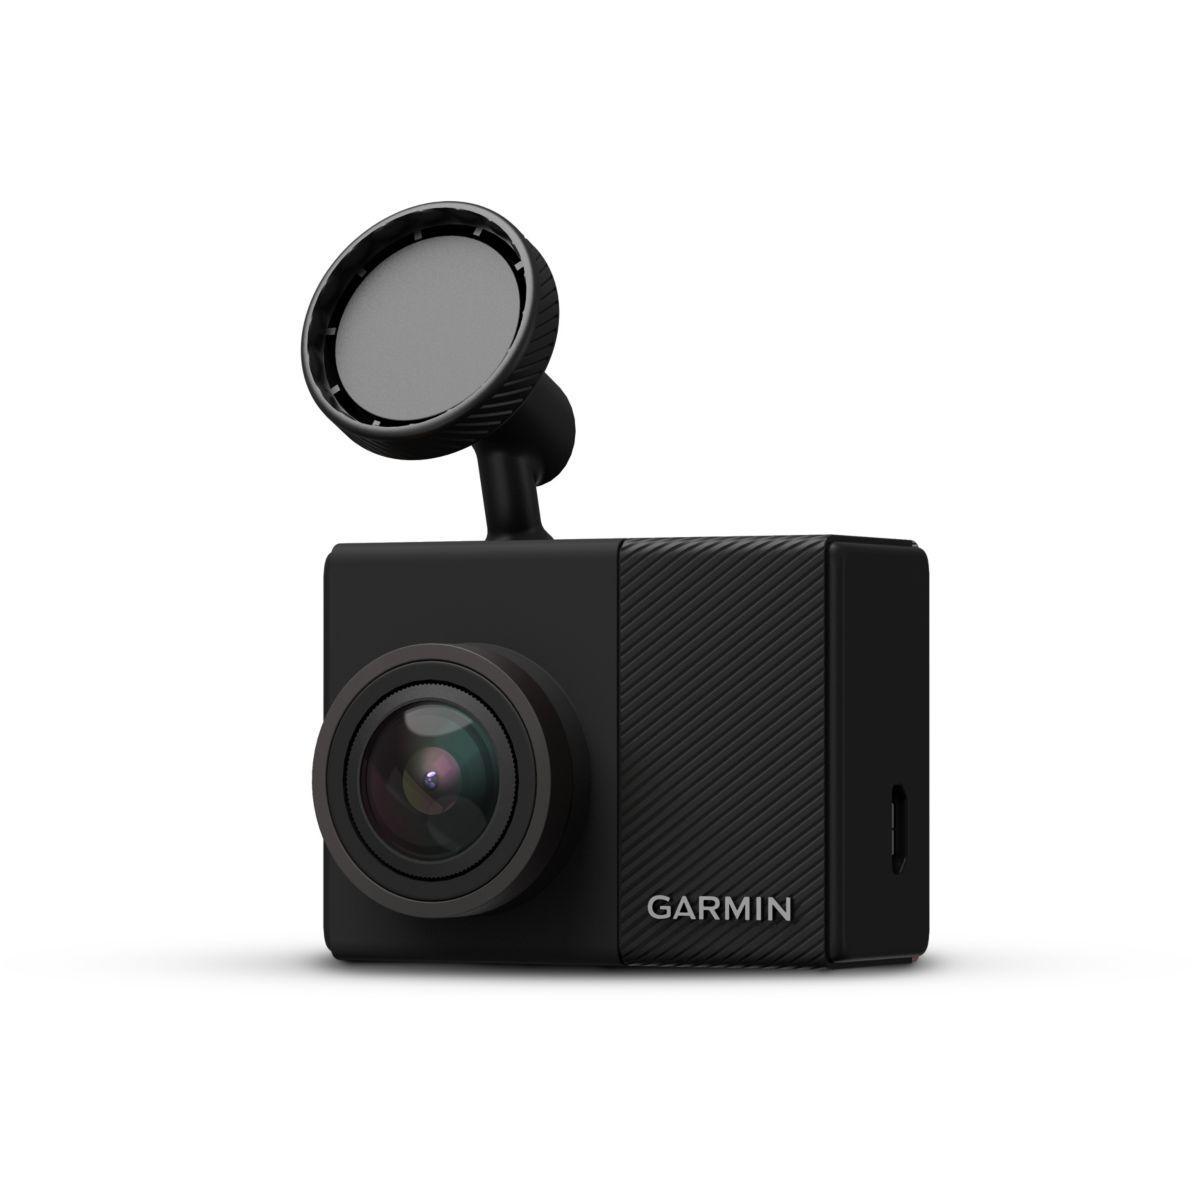 Dashcam garmin dash cam 65 - livraison offerte : code livprem (photo)